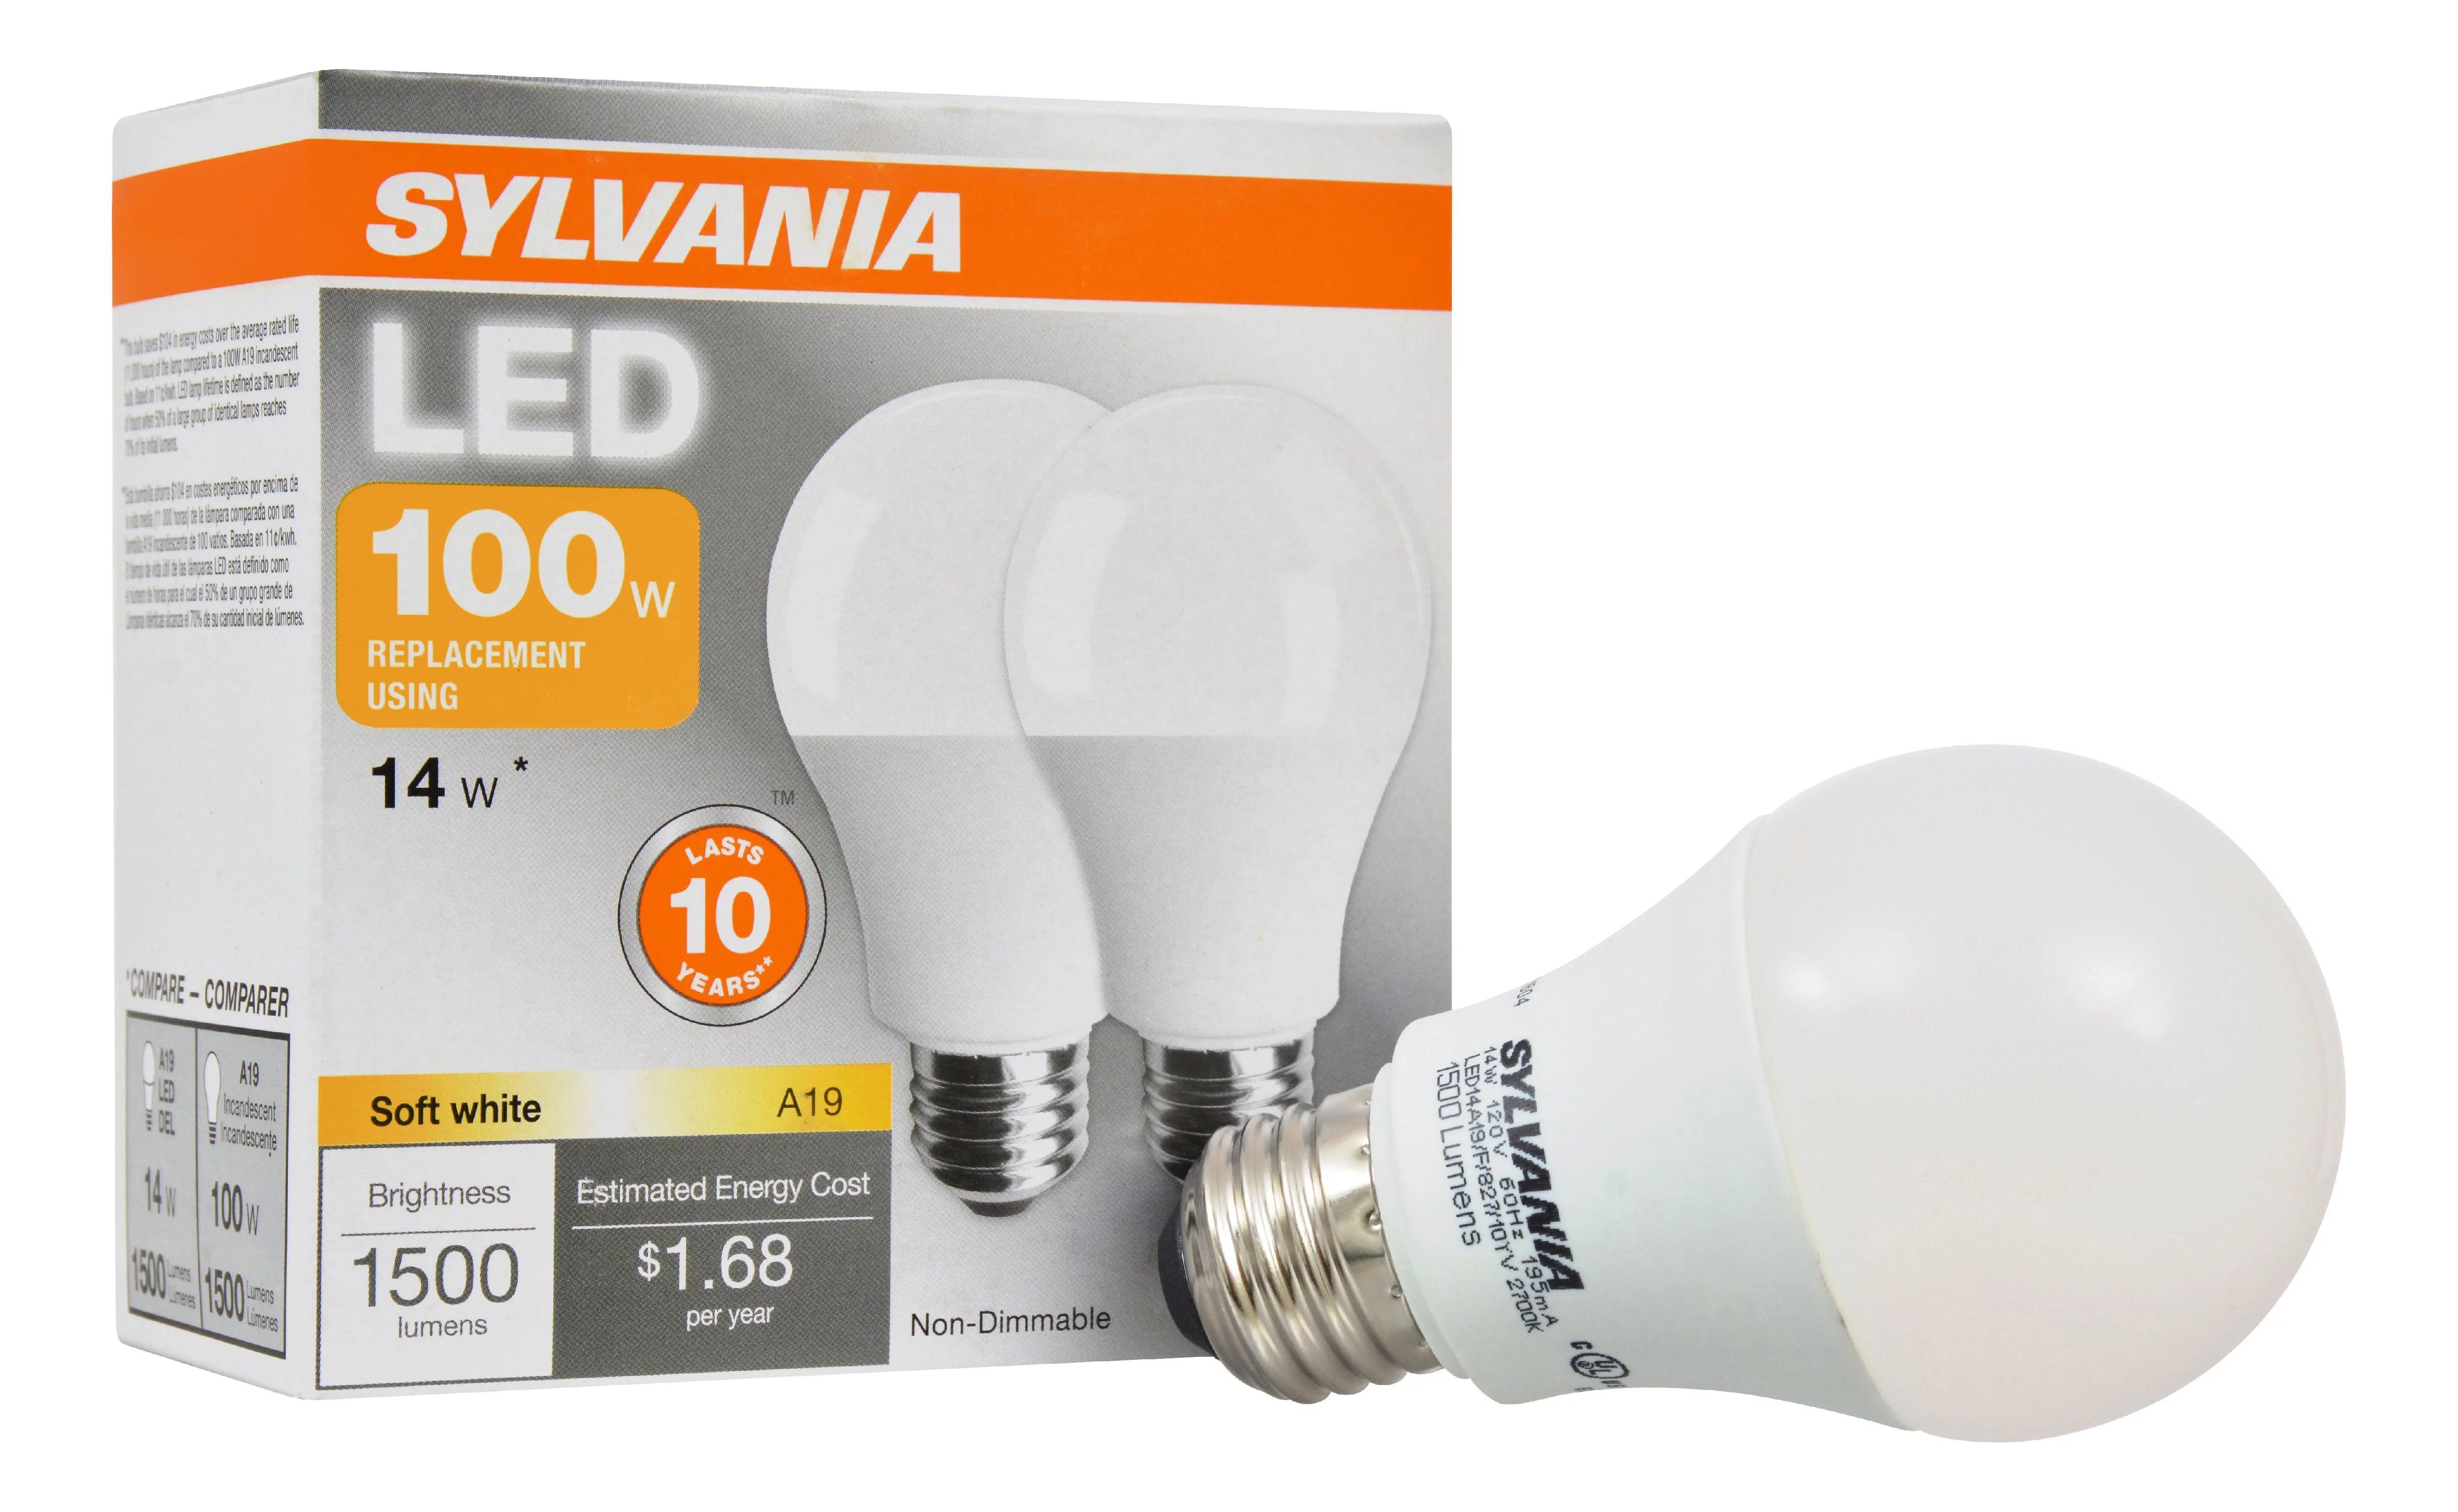 Sylvania All Light Bulbs